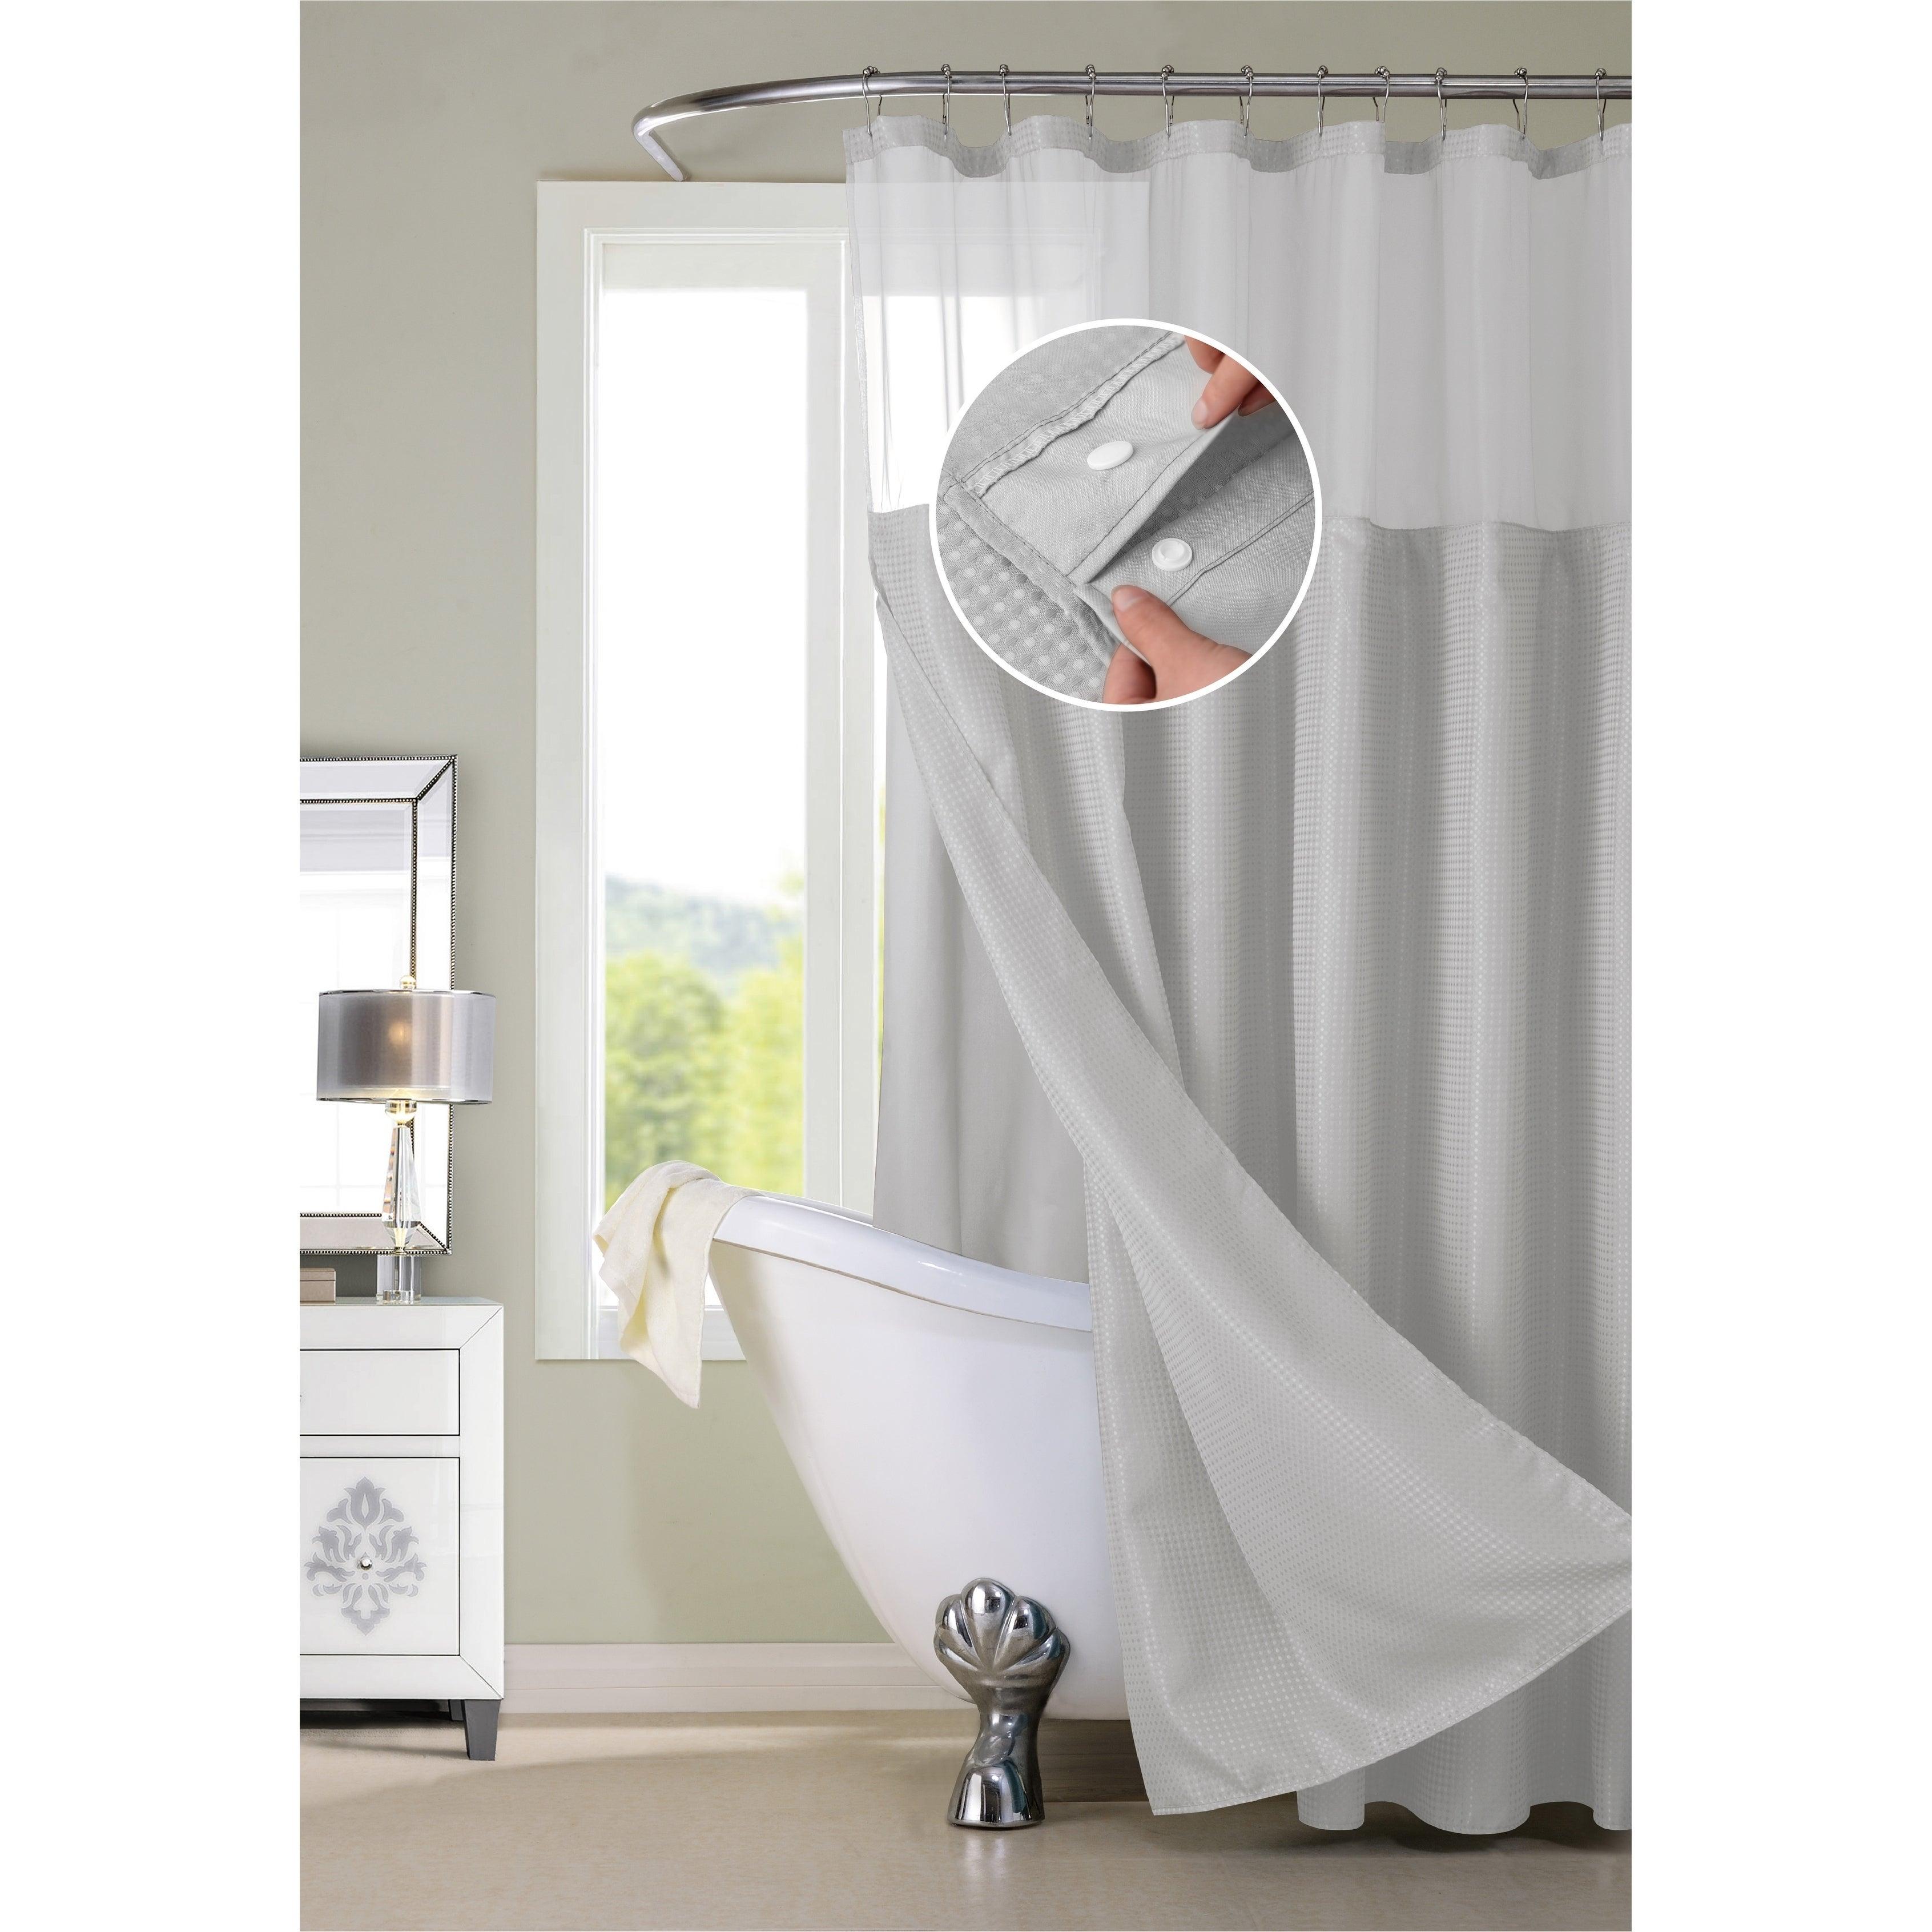 Shop Porch Den Roycroft Hotel Shower Curtain With Detachable Liner